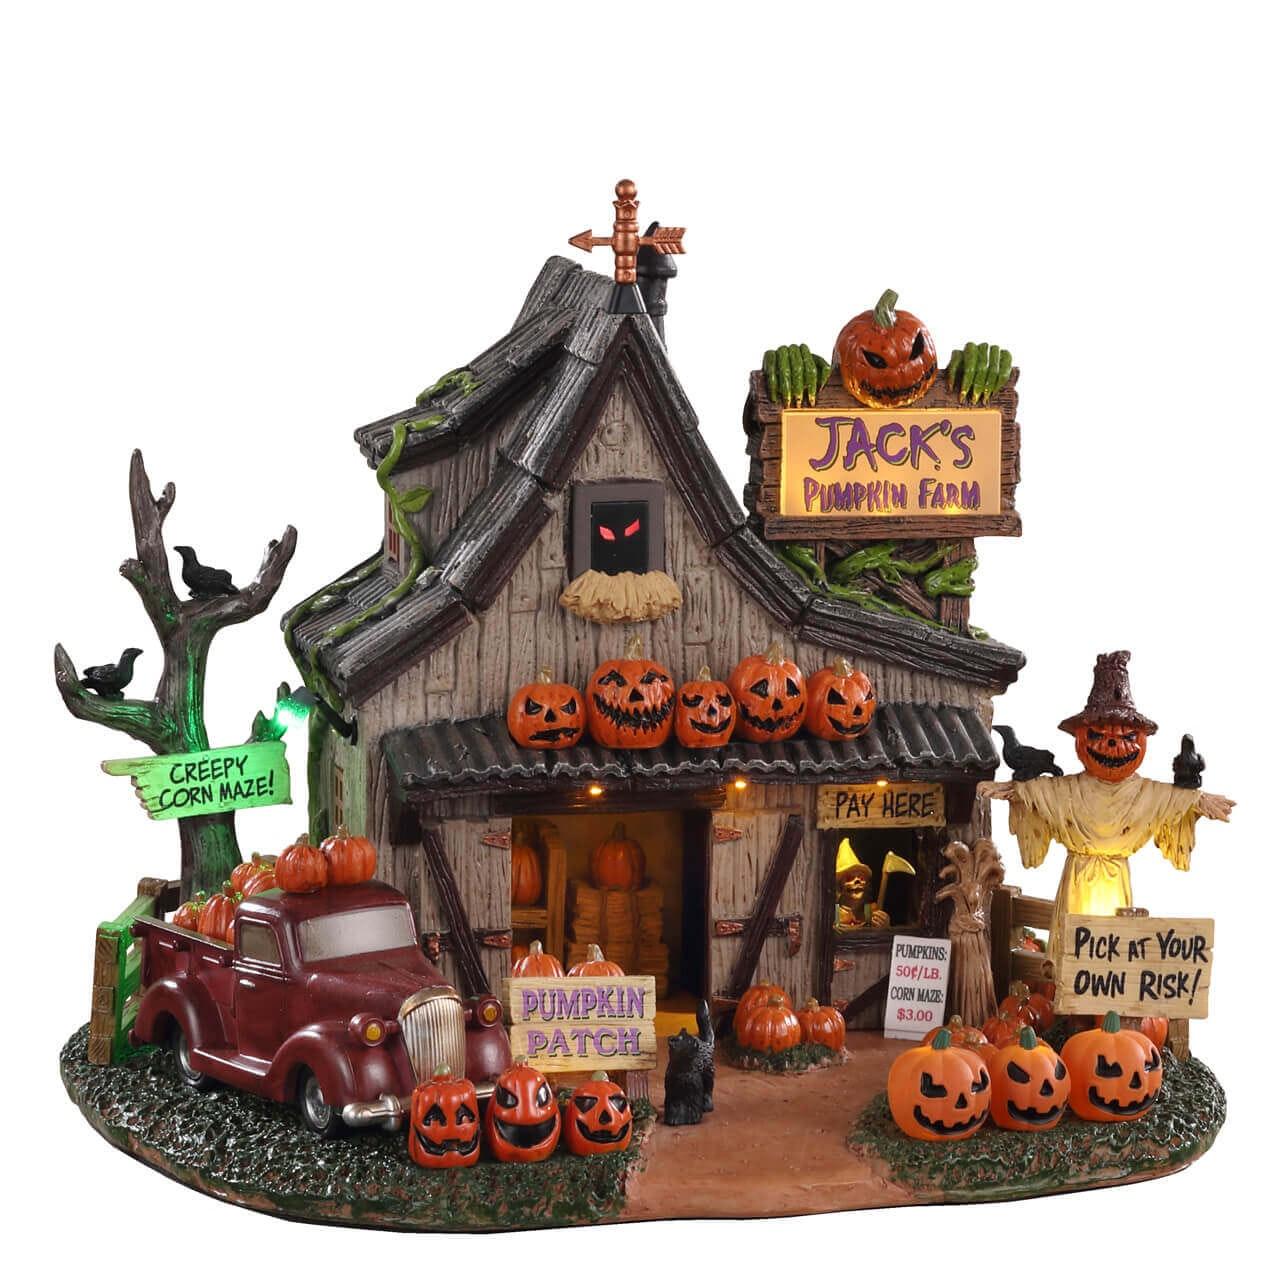 Jack S Pumpkin Farm